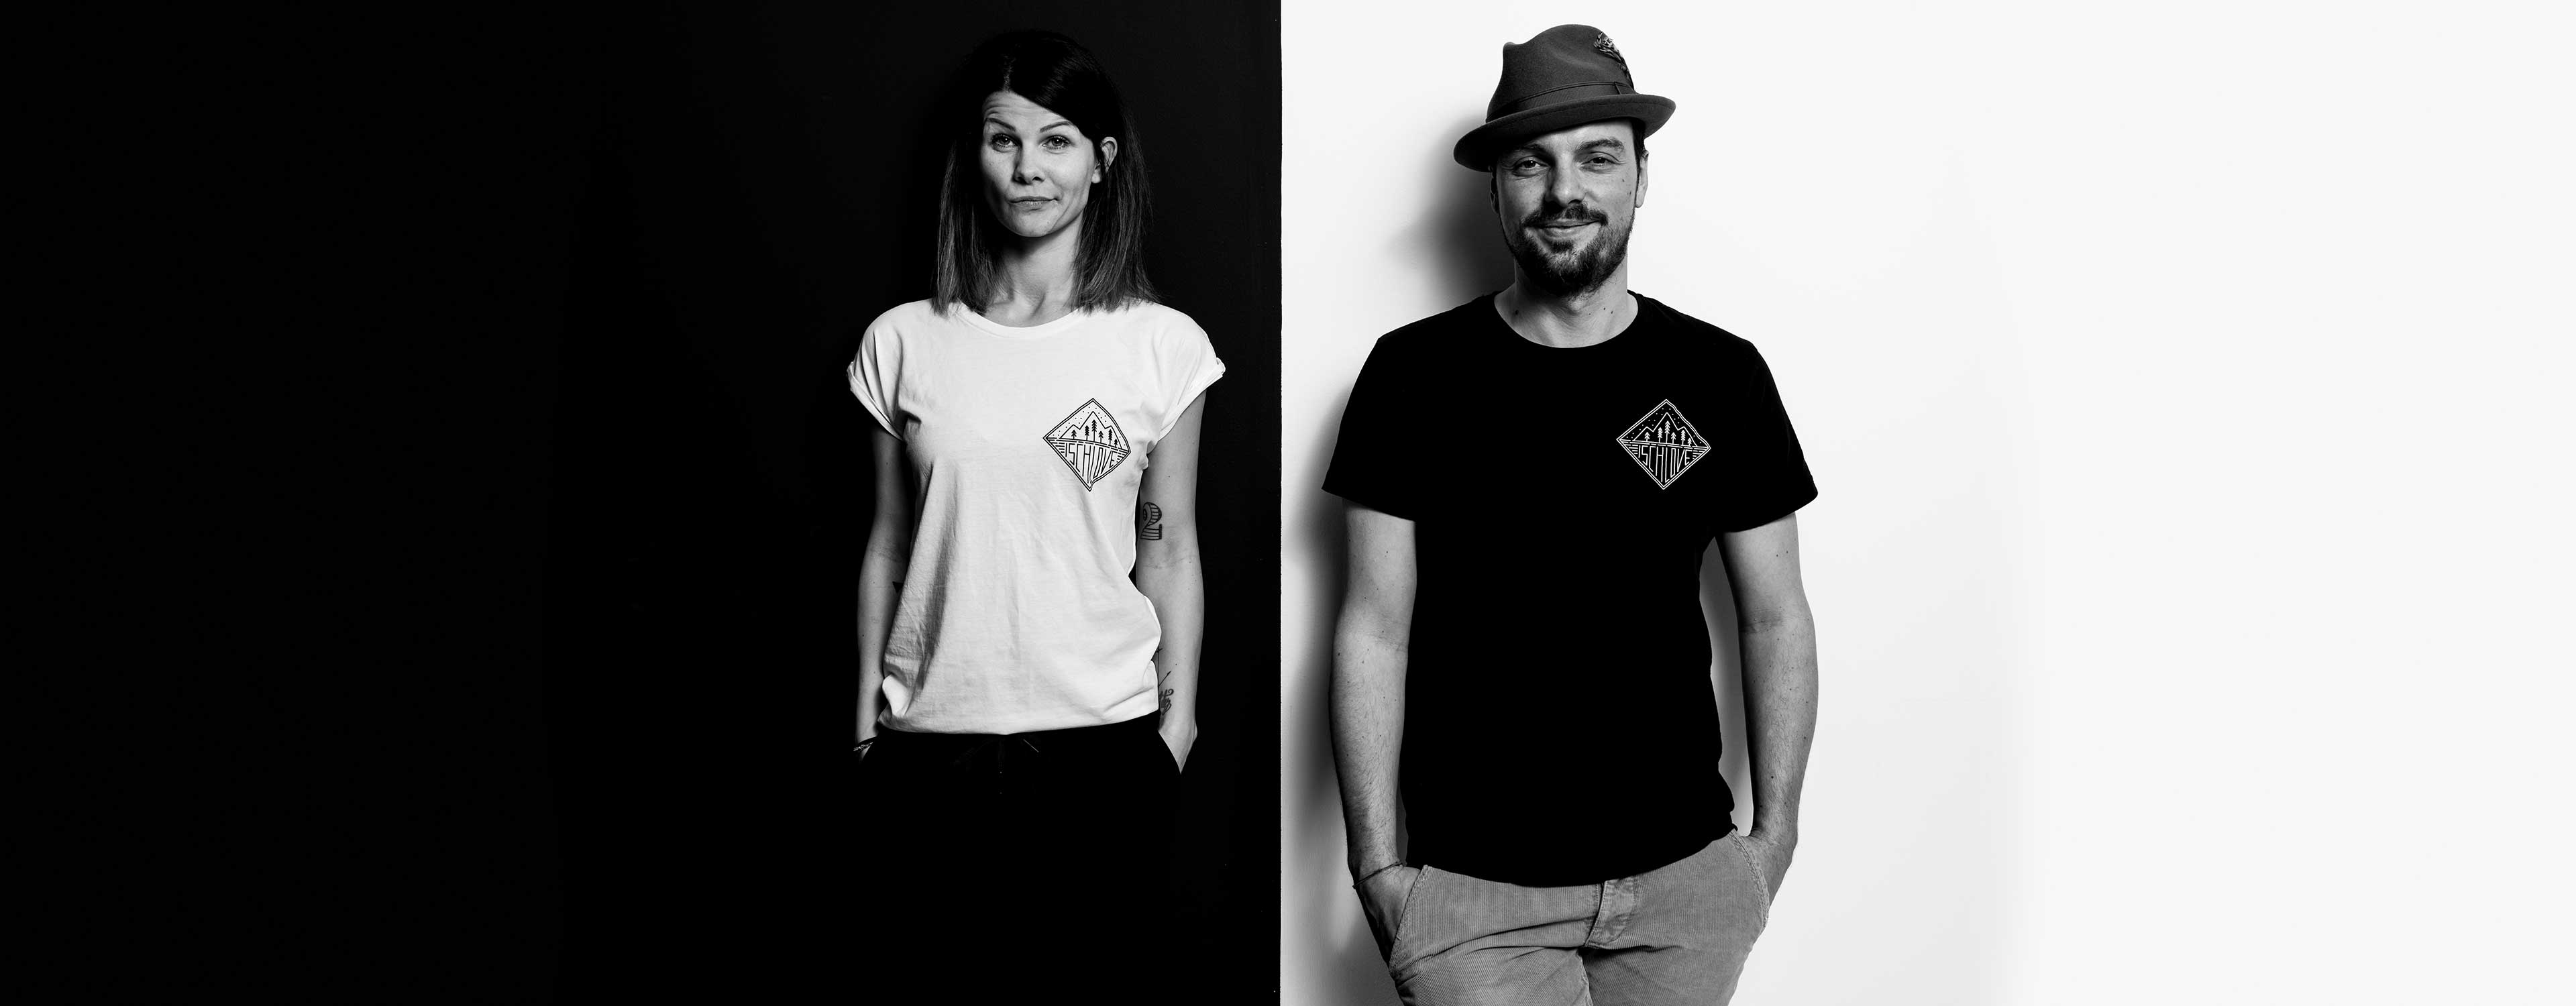 SISSIKUSS-Inhaber Katharina Wimmer und Kurt Weglehner